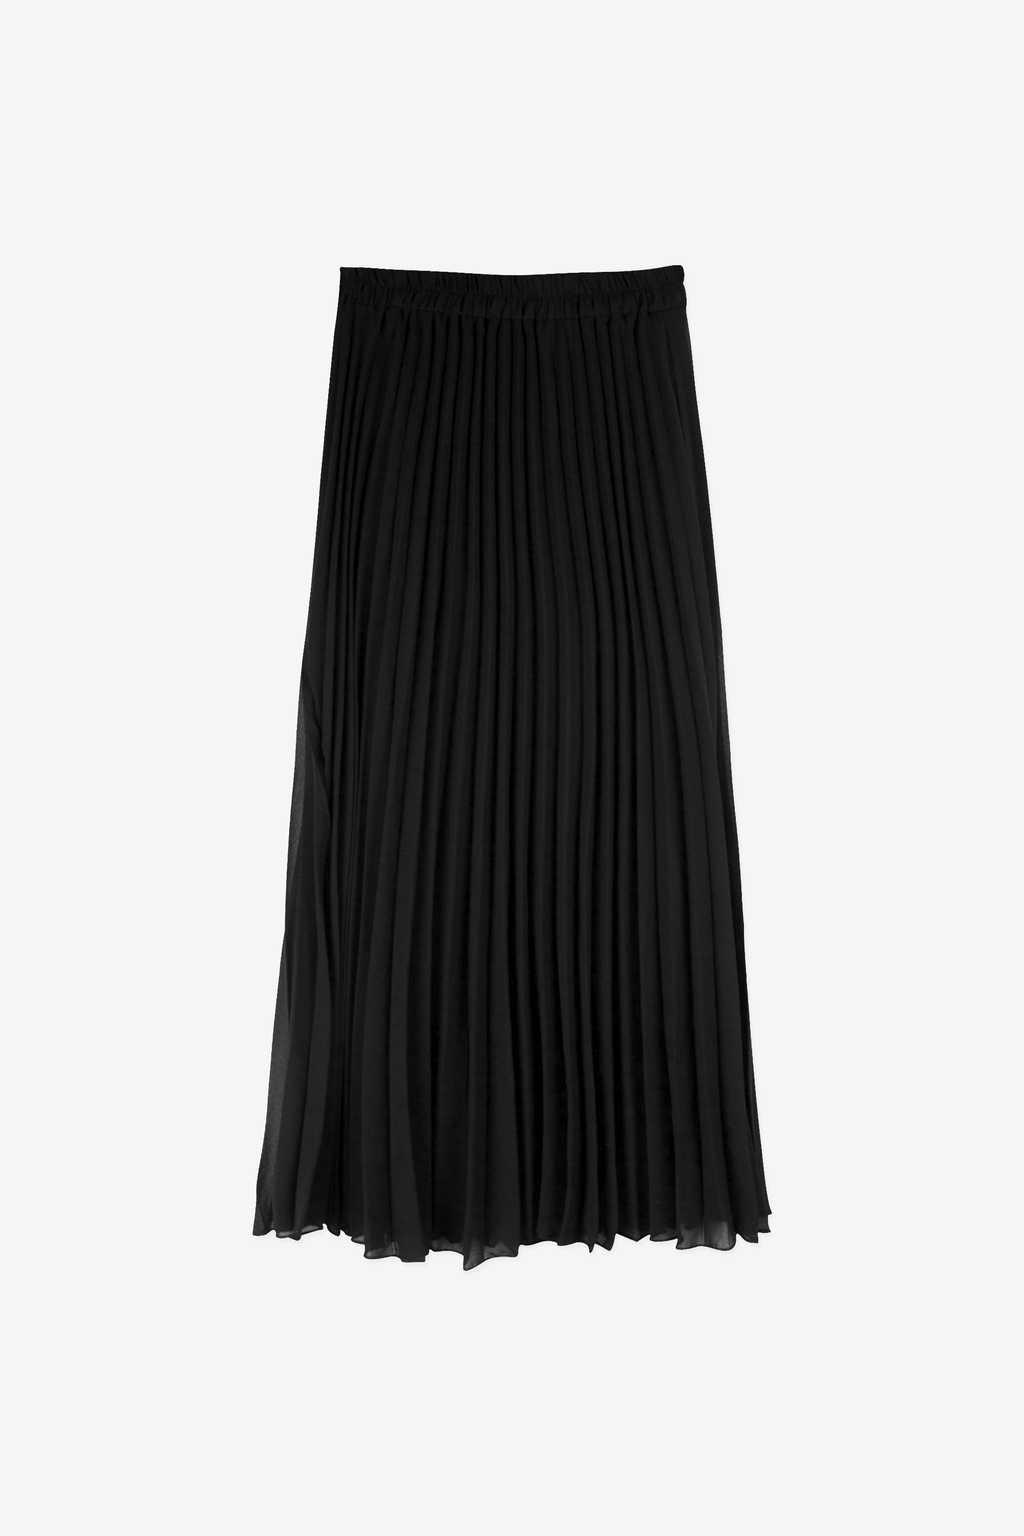 Skirt H045 Black 5